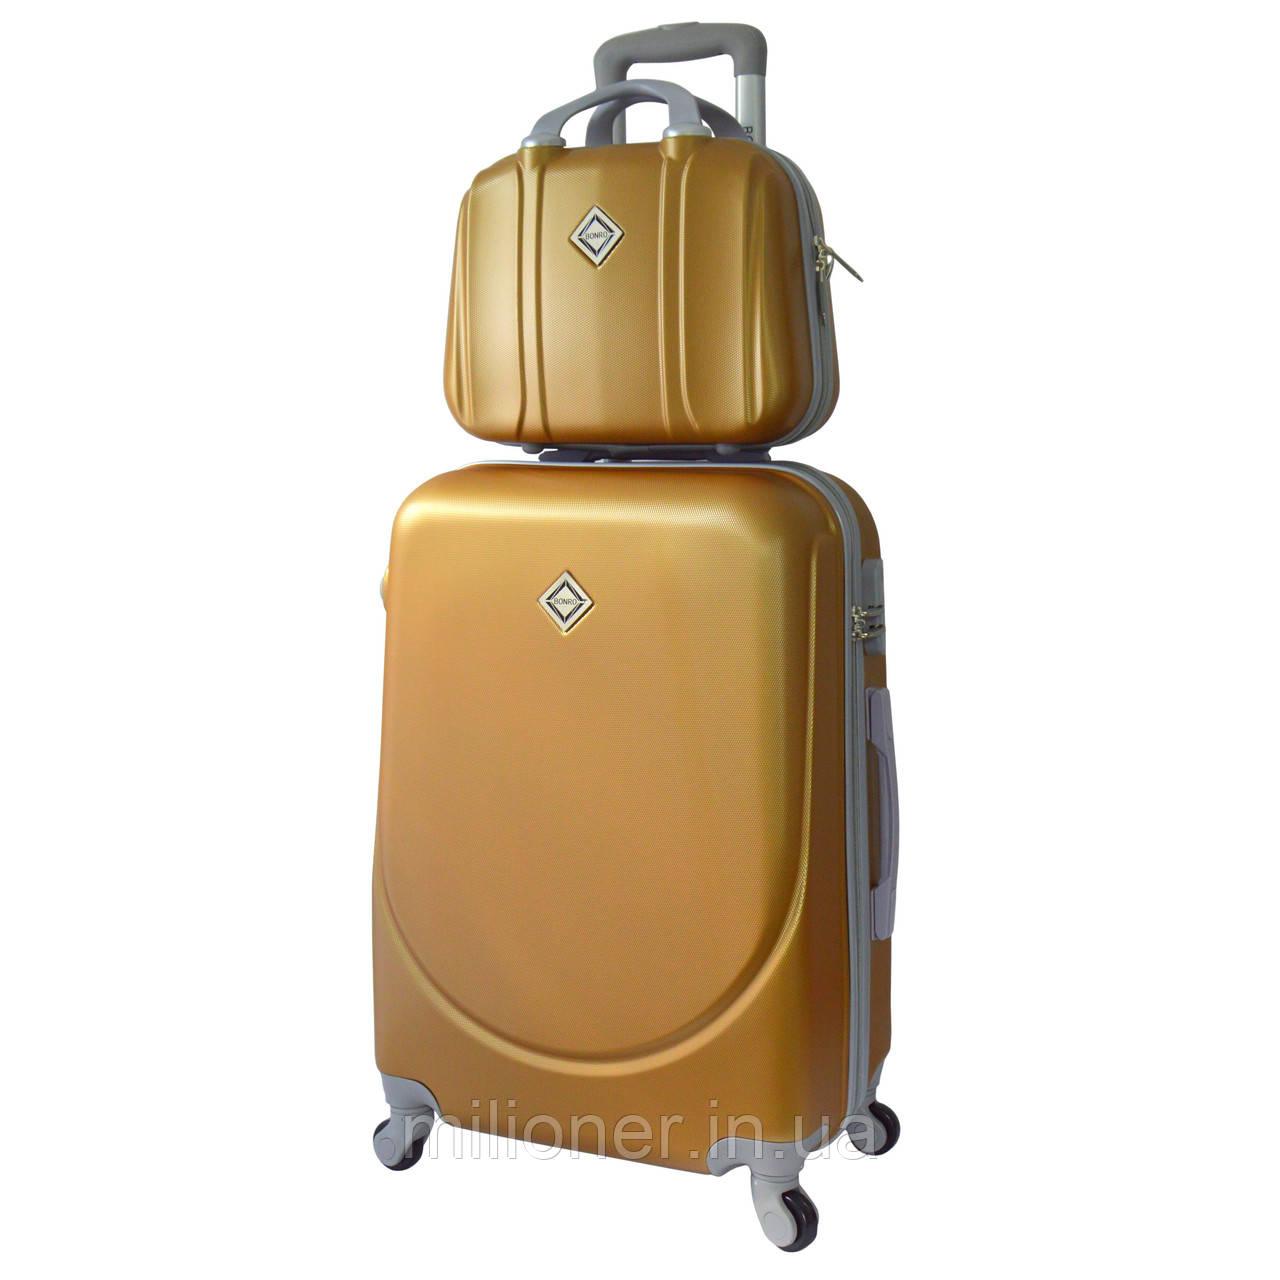 Комплект чемодан + кейс Bonro Smile (небольшой) золотой